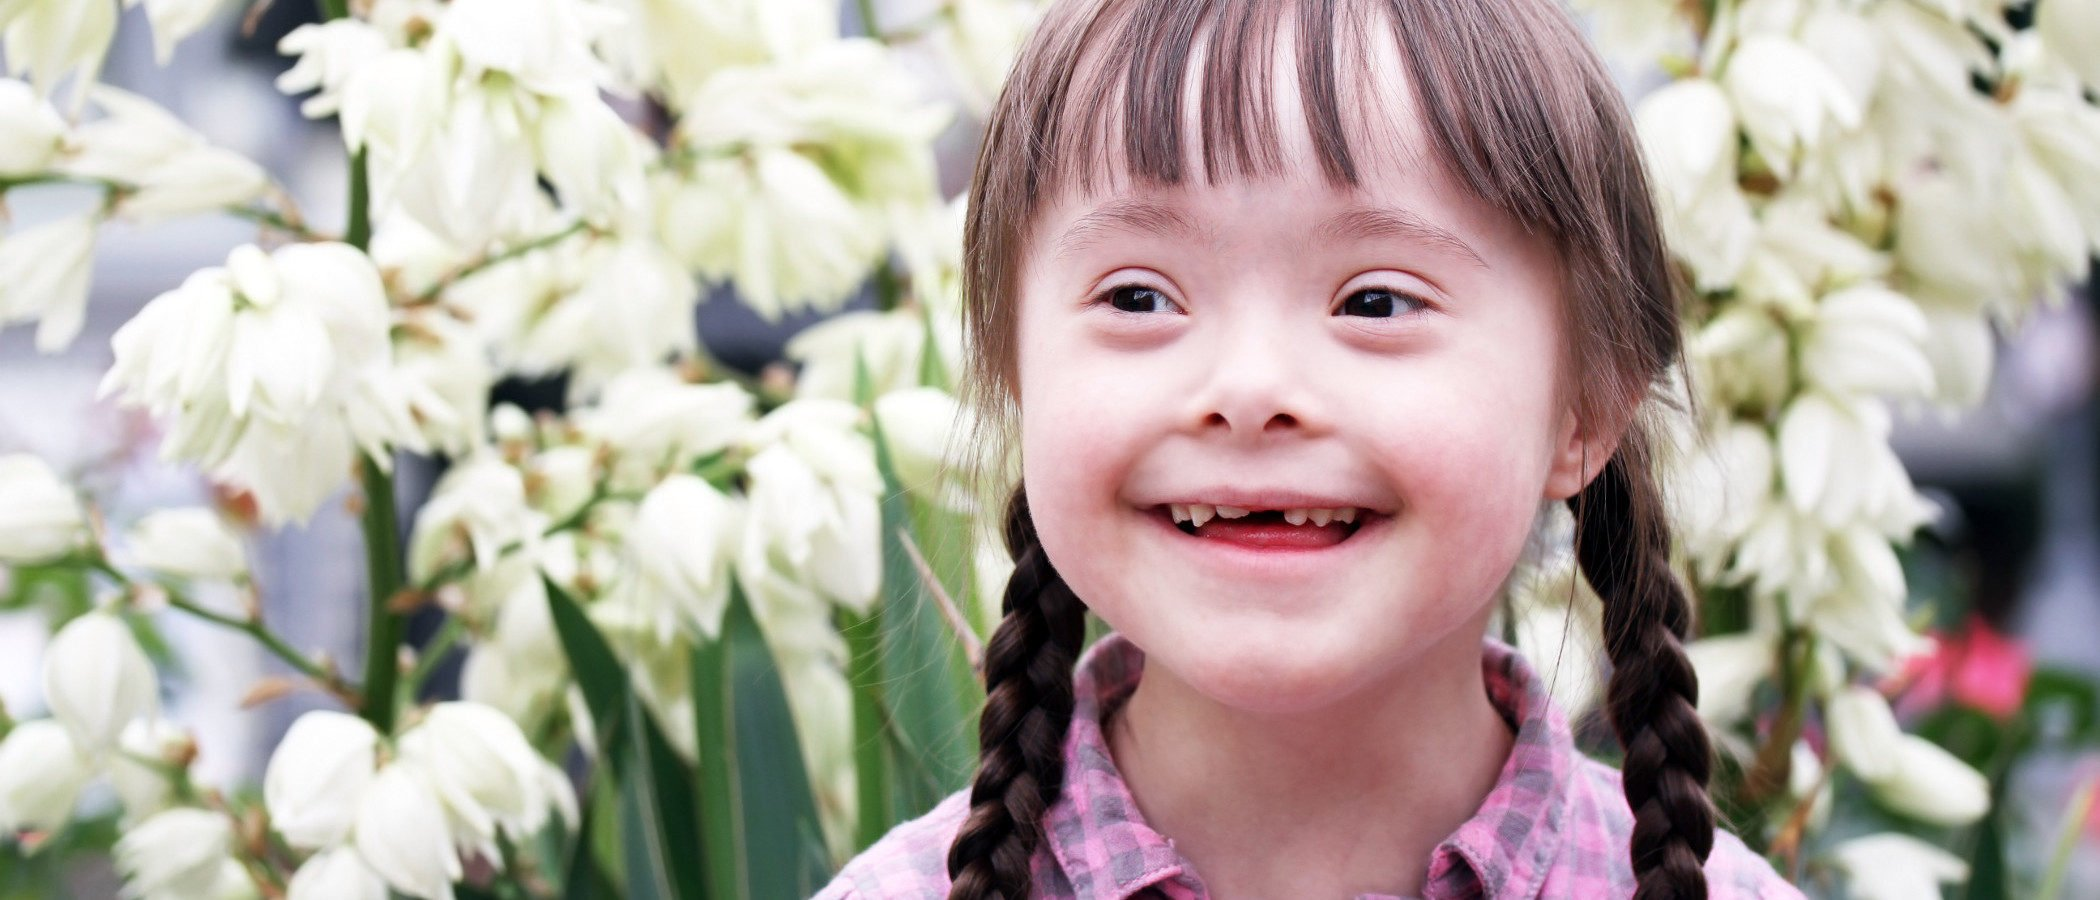 El Síndrome de Down: características y tipos